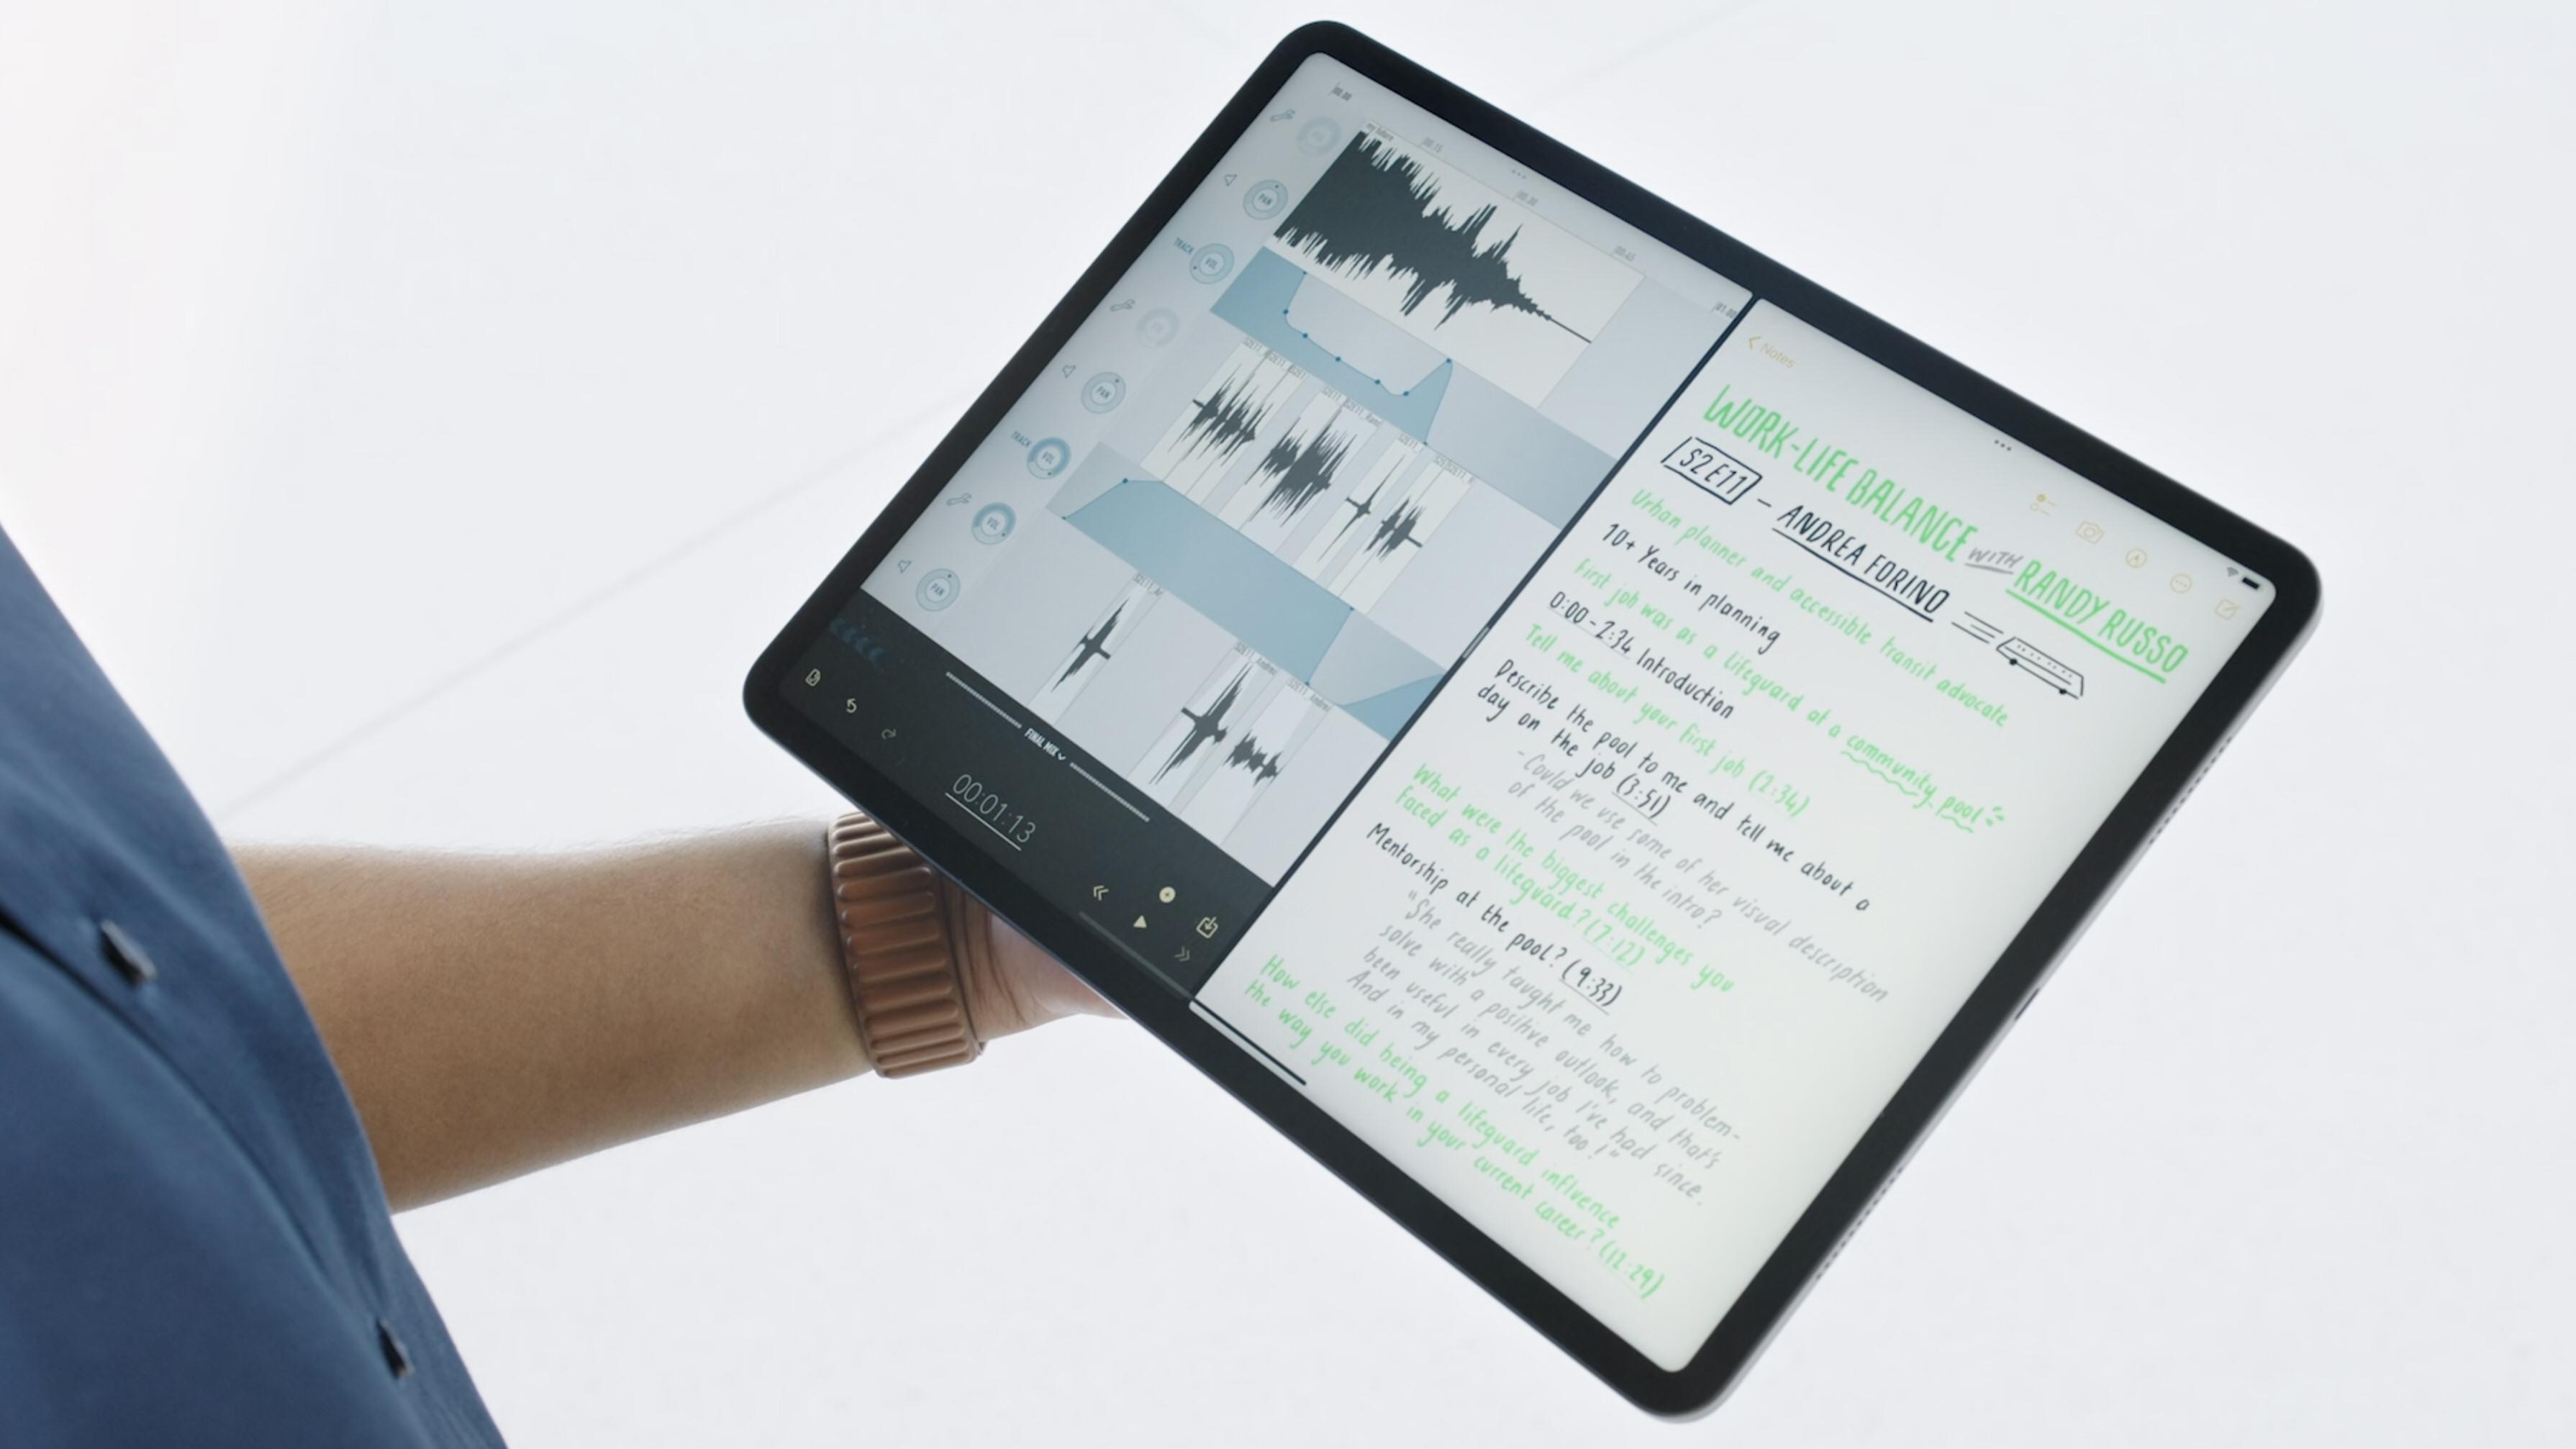 Delt skjerm på iPad skal kunne gjøre det enklere å jobbe med flere ting samtidig.